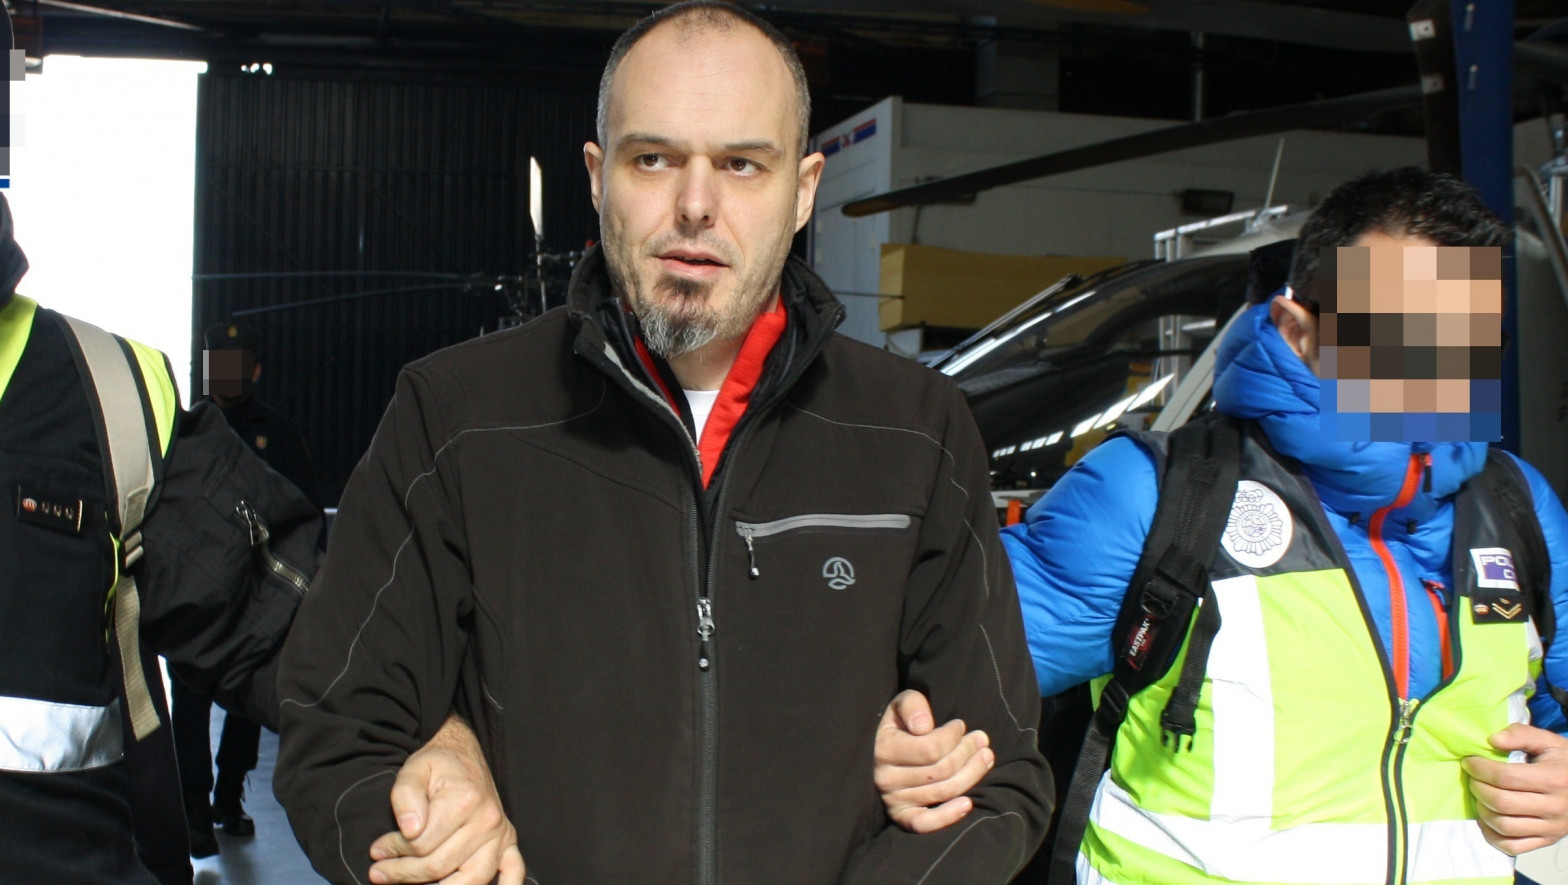 El ex jefe de ETA 'Ata' se niega a declarar en la Audiencia Nacional por el atentado de Leitza de 2002